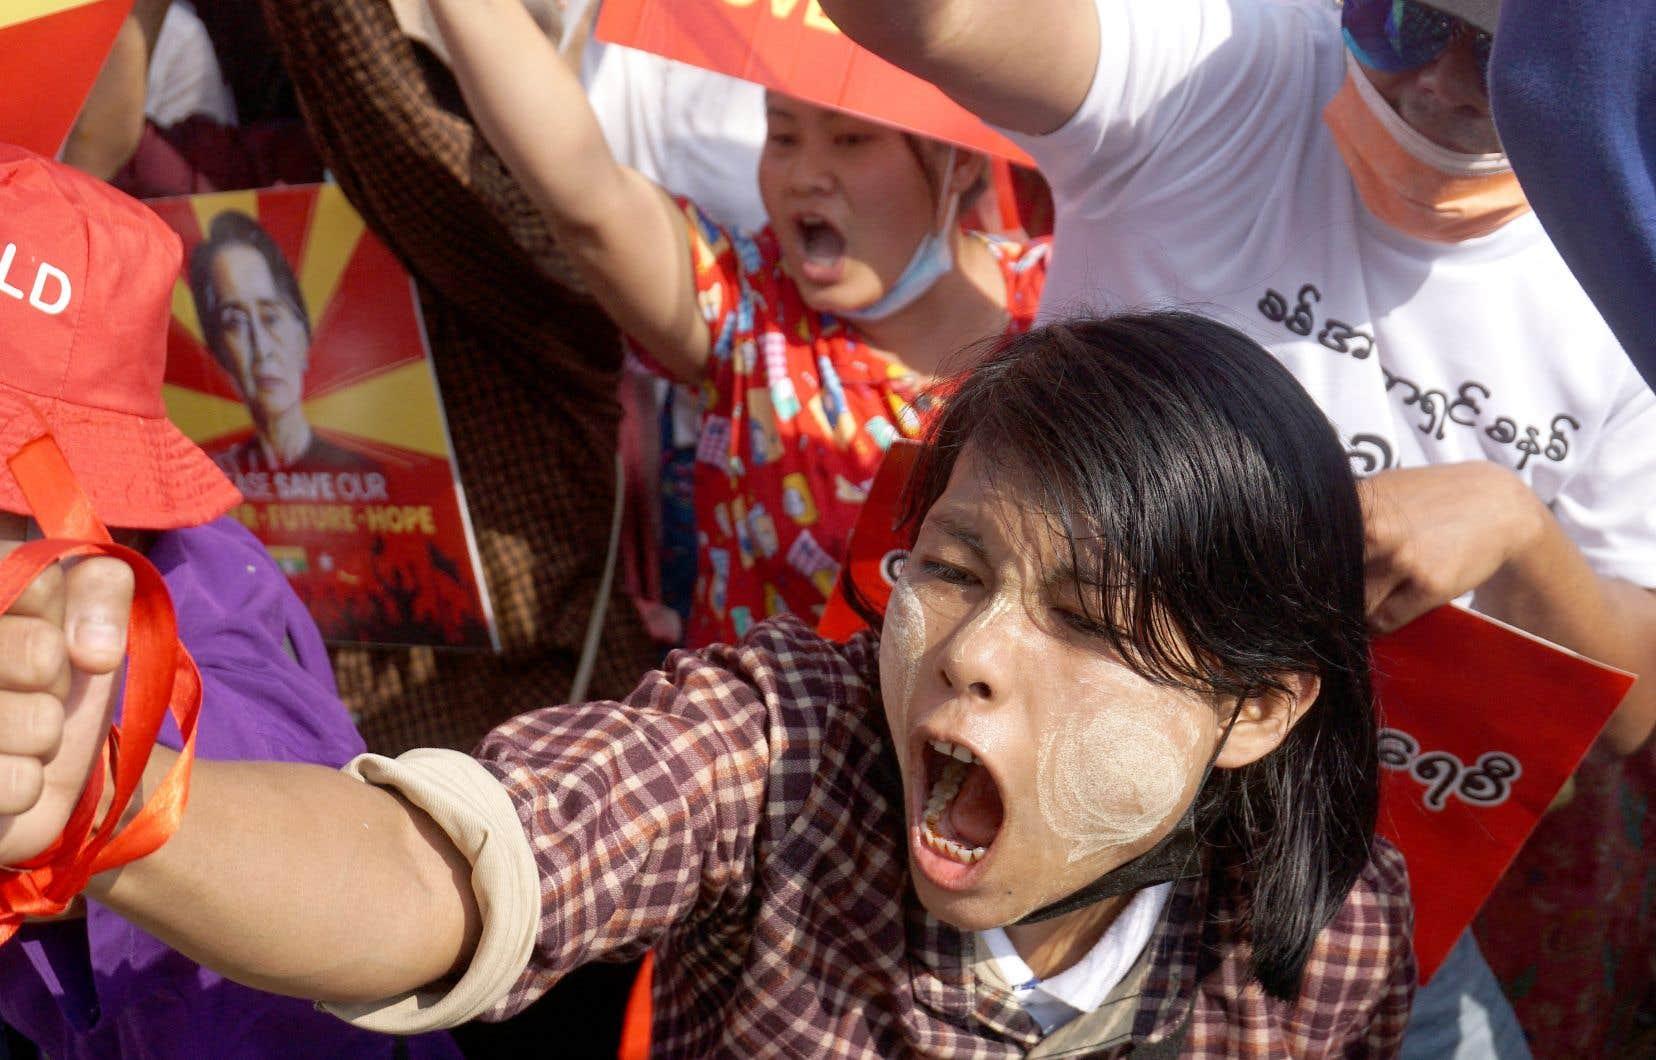 Des manifestants dénonçaient le coup d'État militaire, mardi, devant la Banque centrale myanmaraise, à Rangoun.